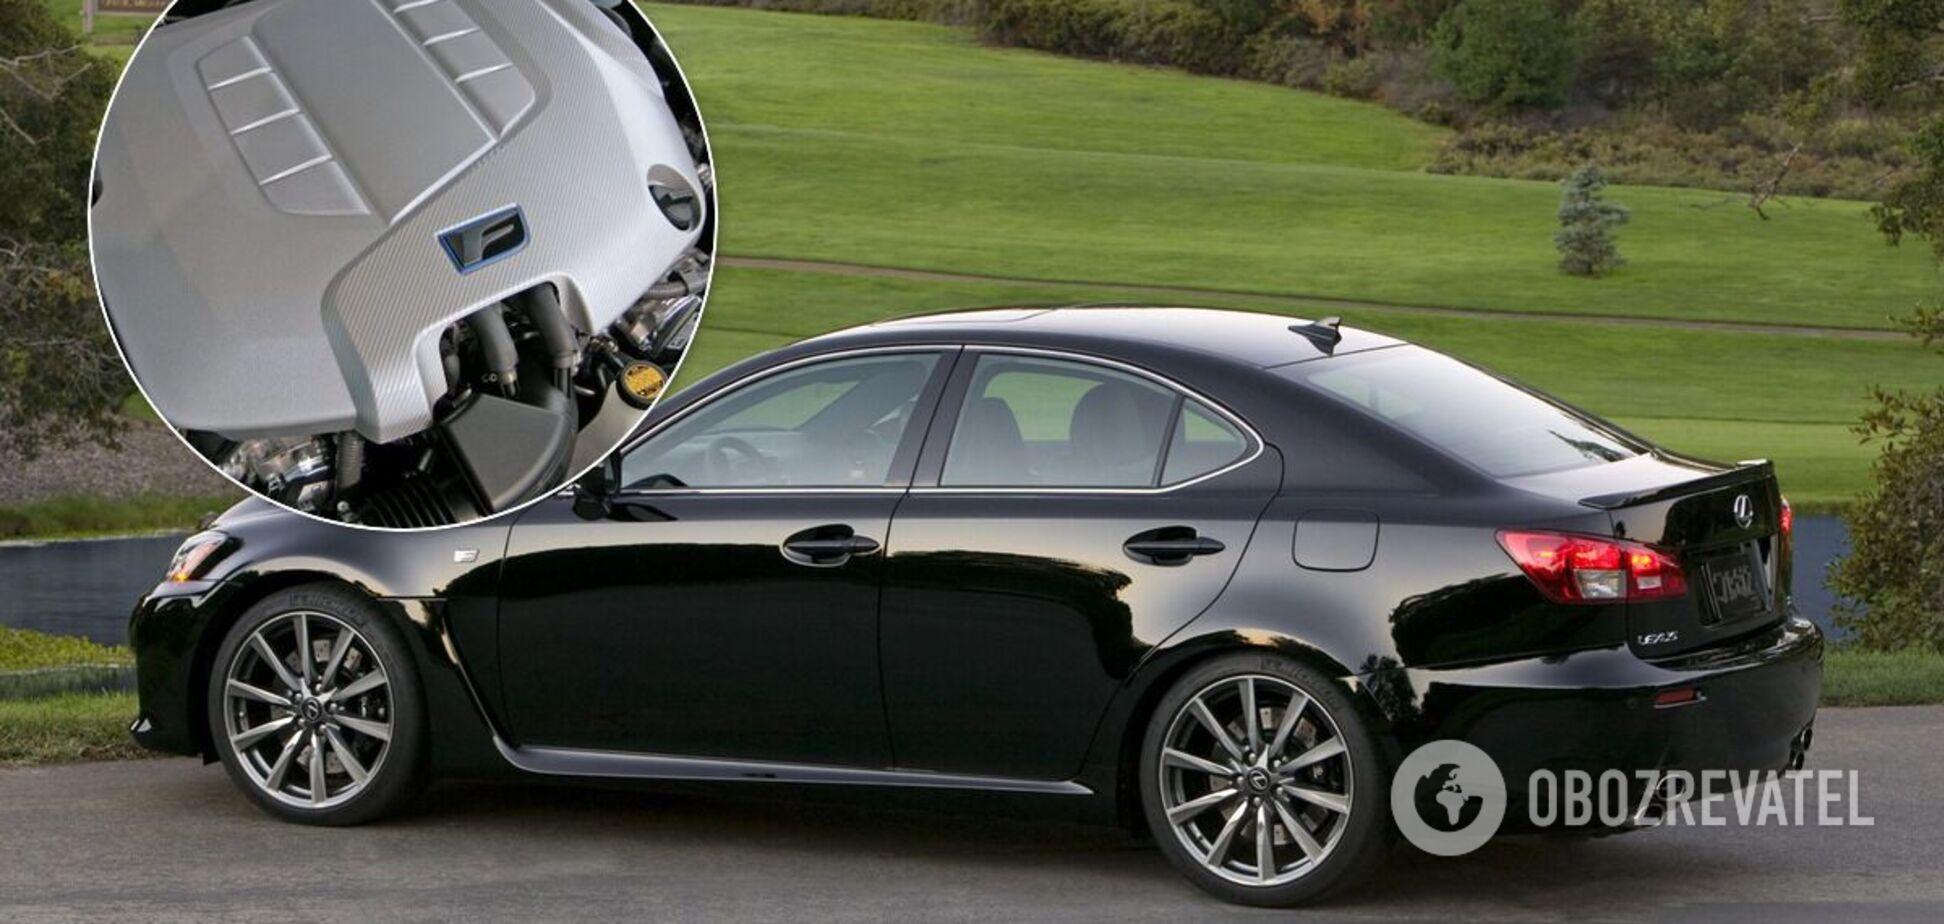 Двигатель Toyota удивил своим состоянием после 350 000 км резкой езды